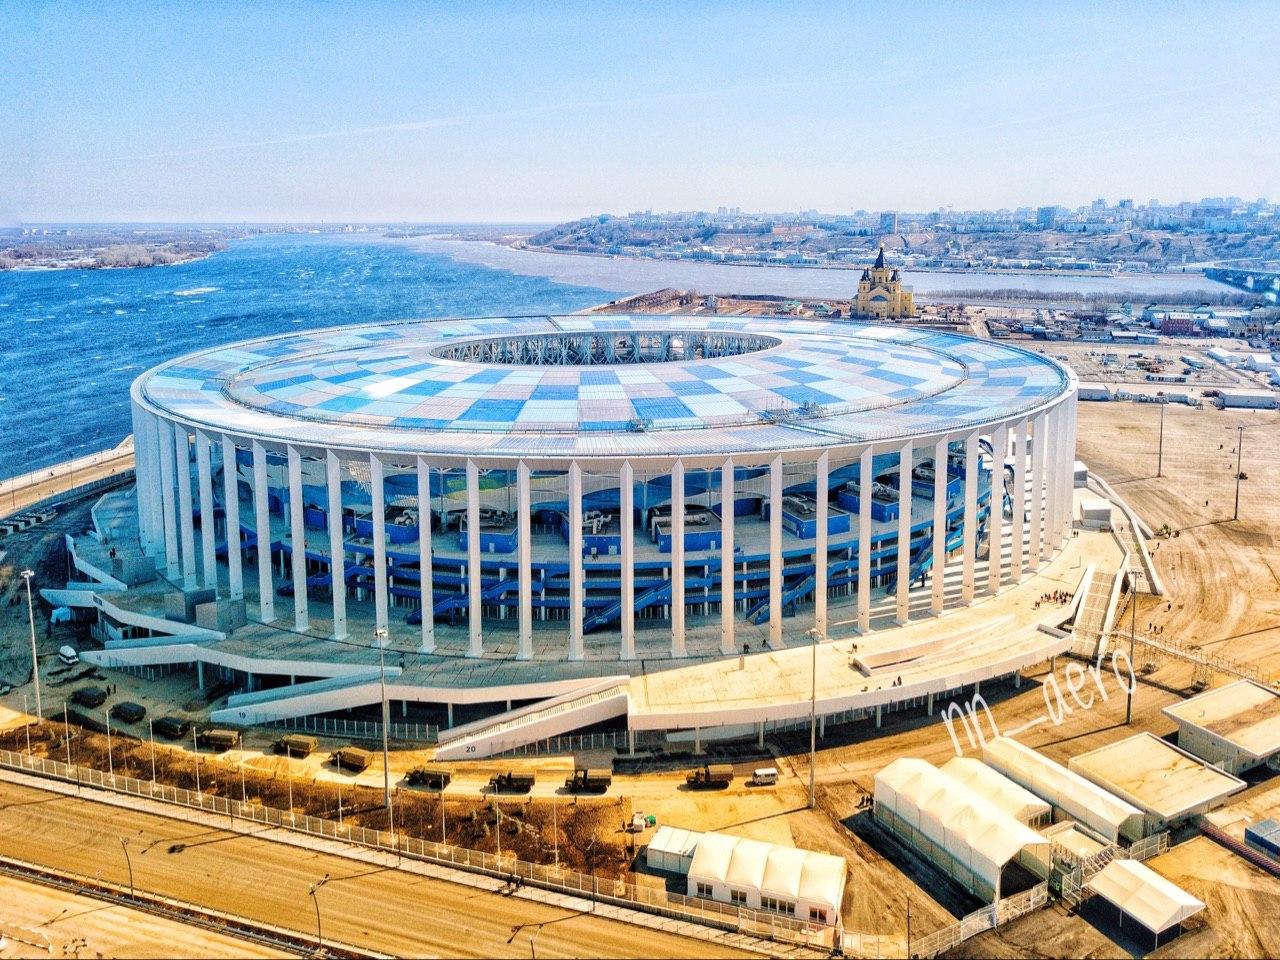 Чемпионат мира 2019 в Нижнем Новгороде: какие команды сыграют, даты проведения рекомендации